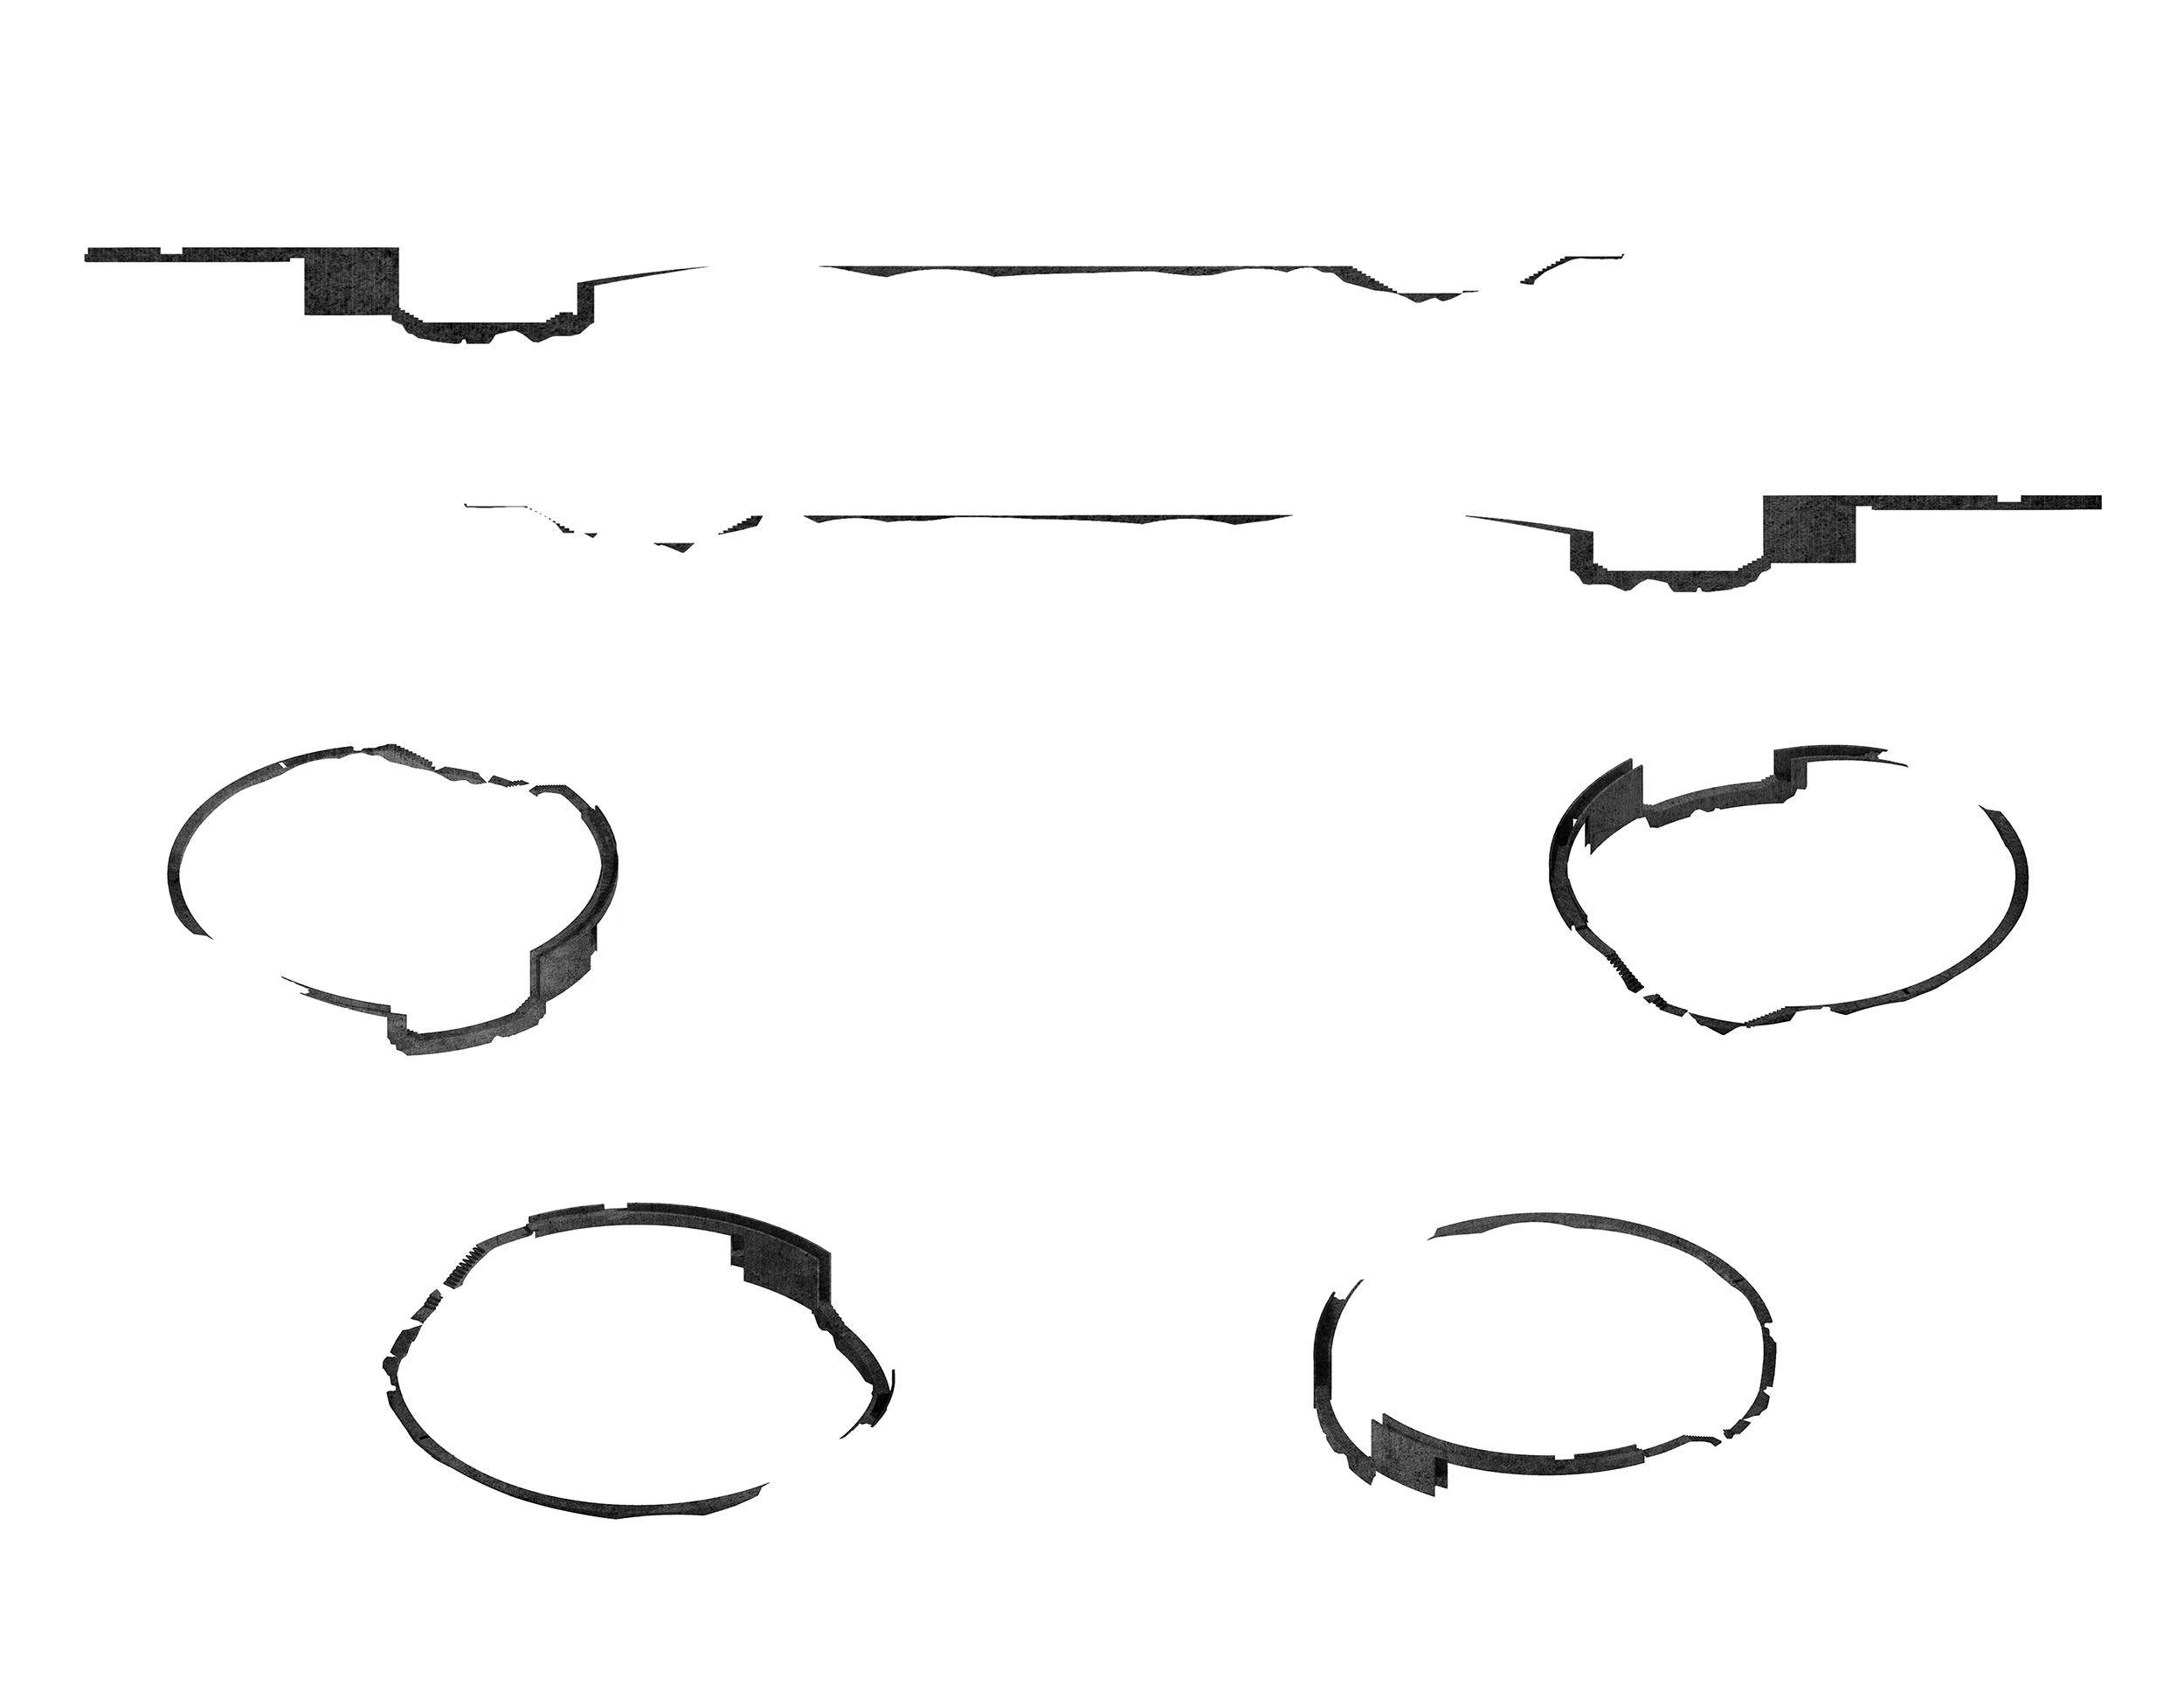 Se diseña un proyecto a solicitud de la Dirección del Parque Nacional Barranca del Cupatitzio usando los recursos del programa Jóvenes Creadores del Fondo Nacional para la Cultura y las Artes, FONCA.   Se solicitó un puente para unir dos puntos del parque y acercar a los visitantes a un pequeño hueco entre las rocas llamado, por una leyenda local, La Rodilla del Diablo.   The project uses the resources of the Young Creators Project of the National Fund for the Culture and the Arts, FONCA, for the design of a project requested by the National Park Barranca del Cupatitzio.   A bridge was requested to join two points of the park and to approach the visitors to a small hollow between the rocks called, by a local legend, The Devil's Knee.